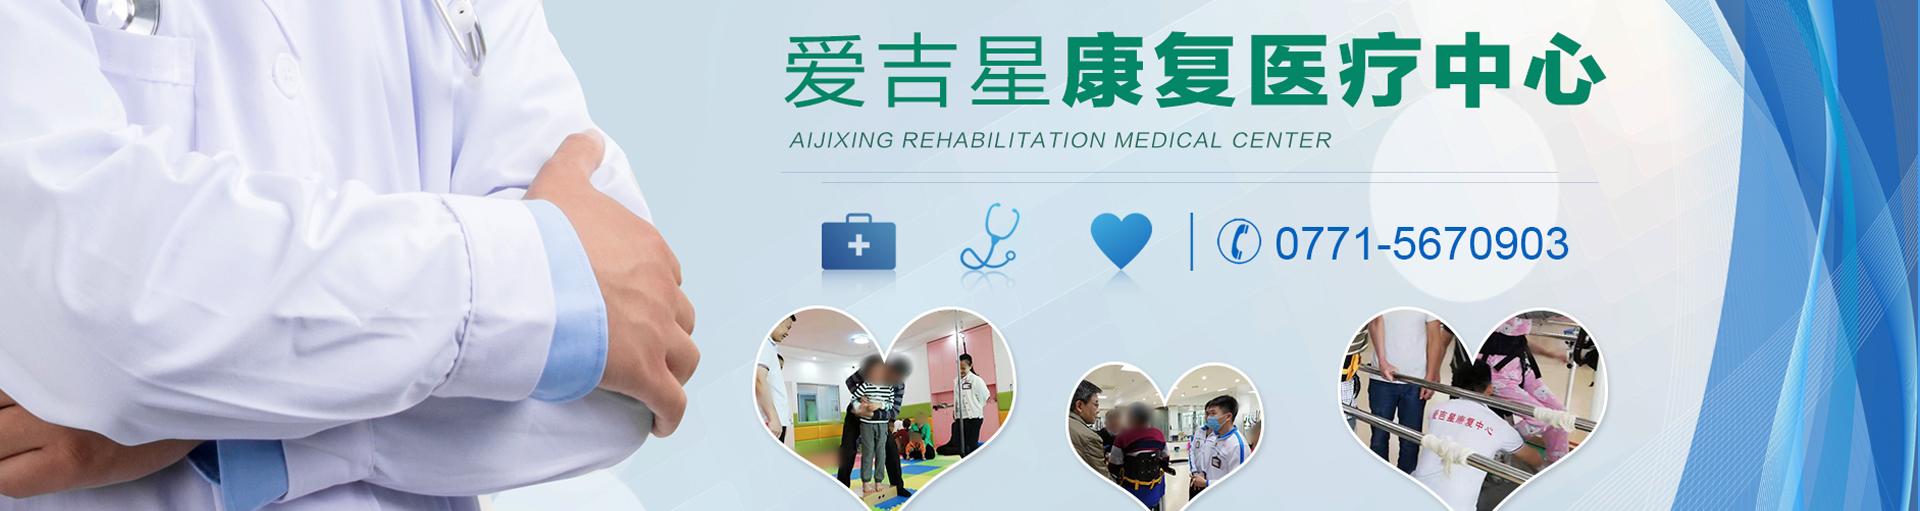 广西康复机构_广西康复医疗中心